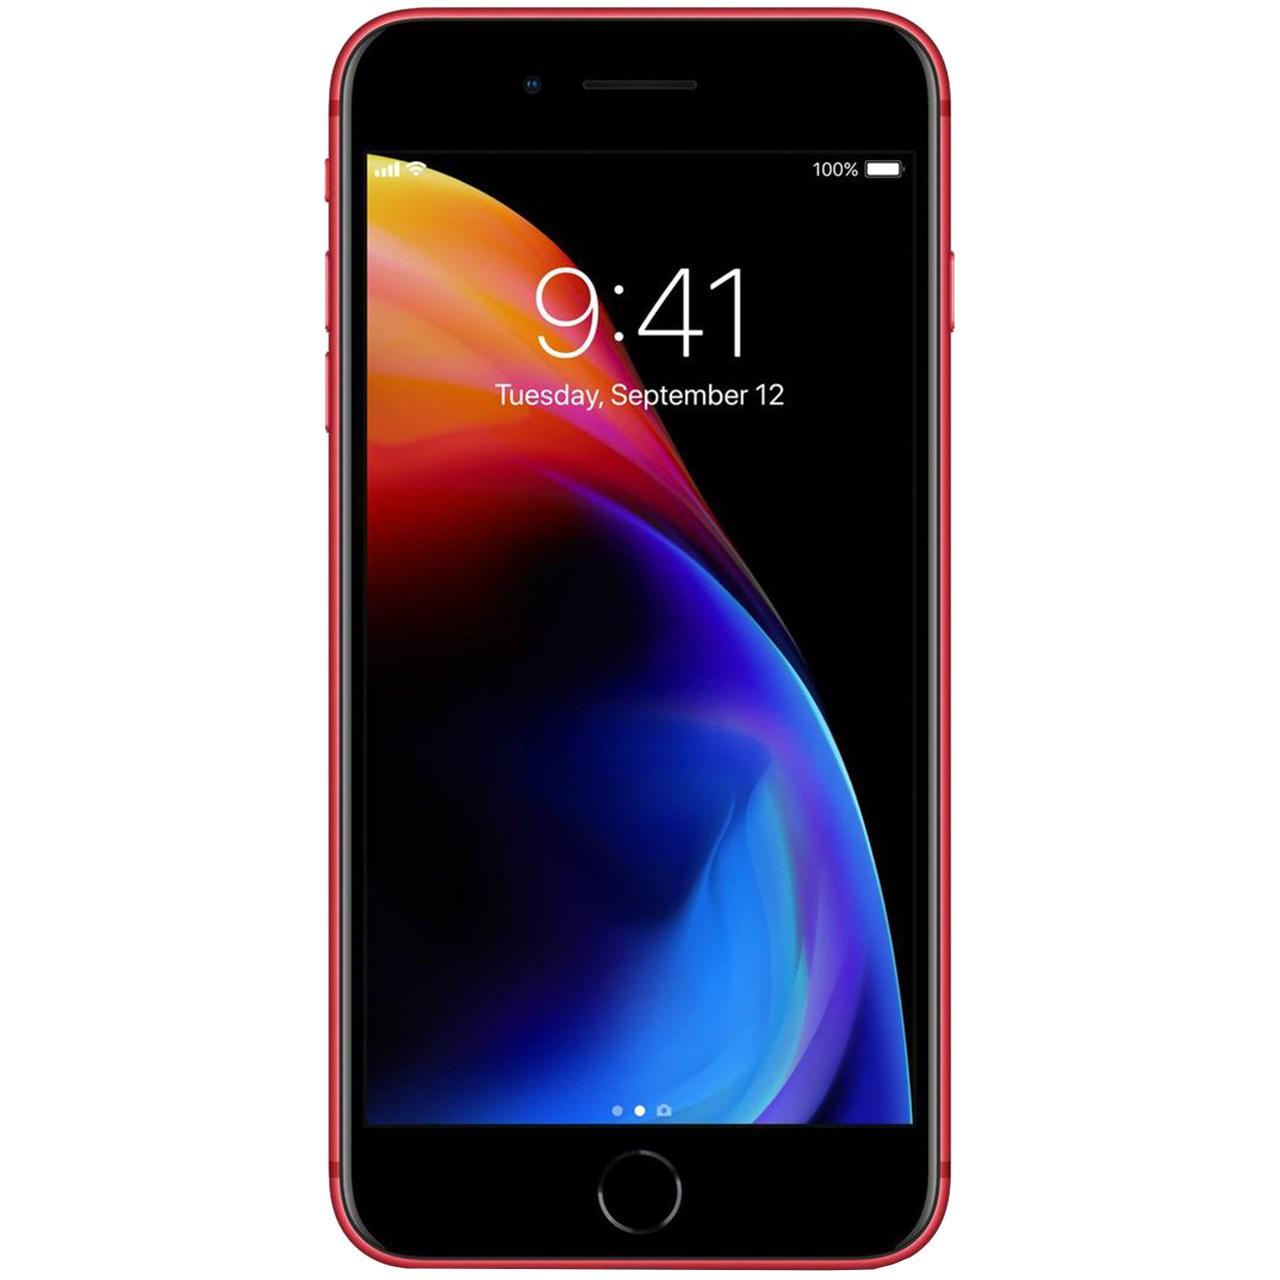 گوشی موبایل اپل مدل iPhone 8 Plus (Product) Red ظرفیت 64 گیگابایت